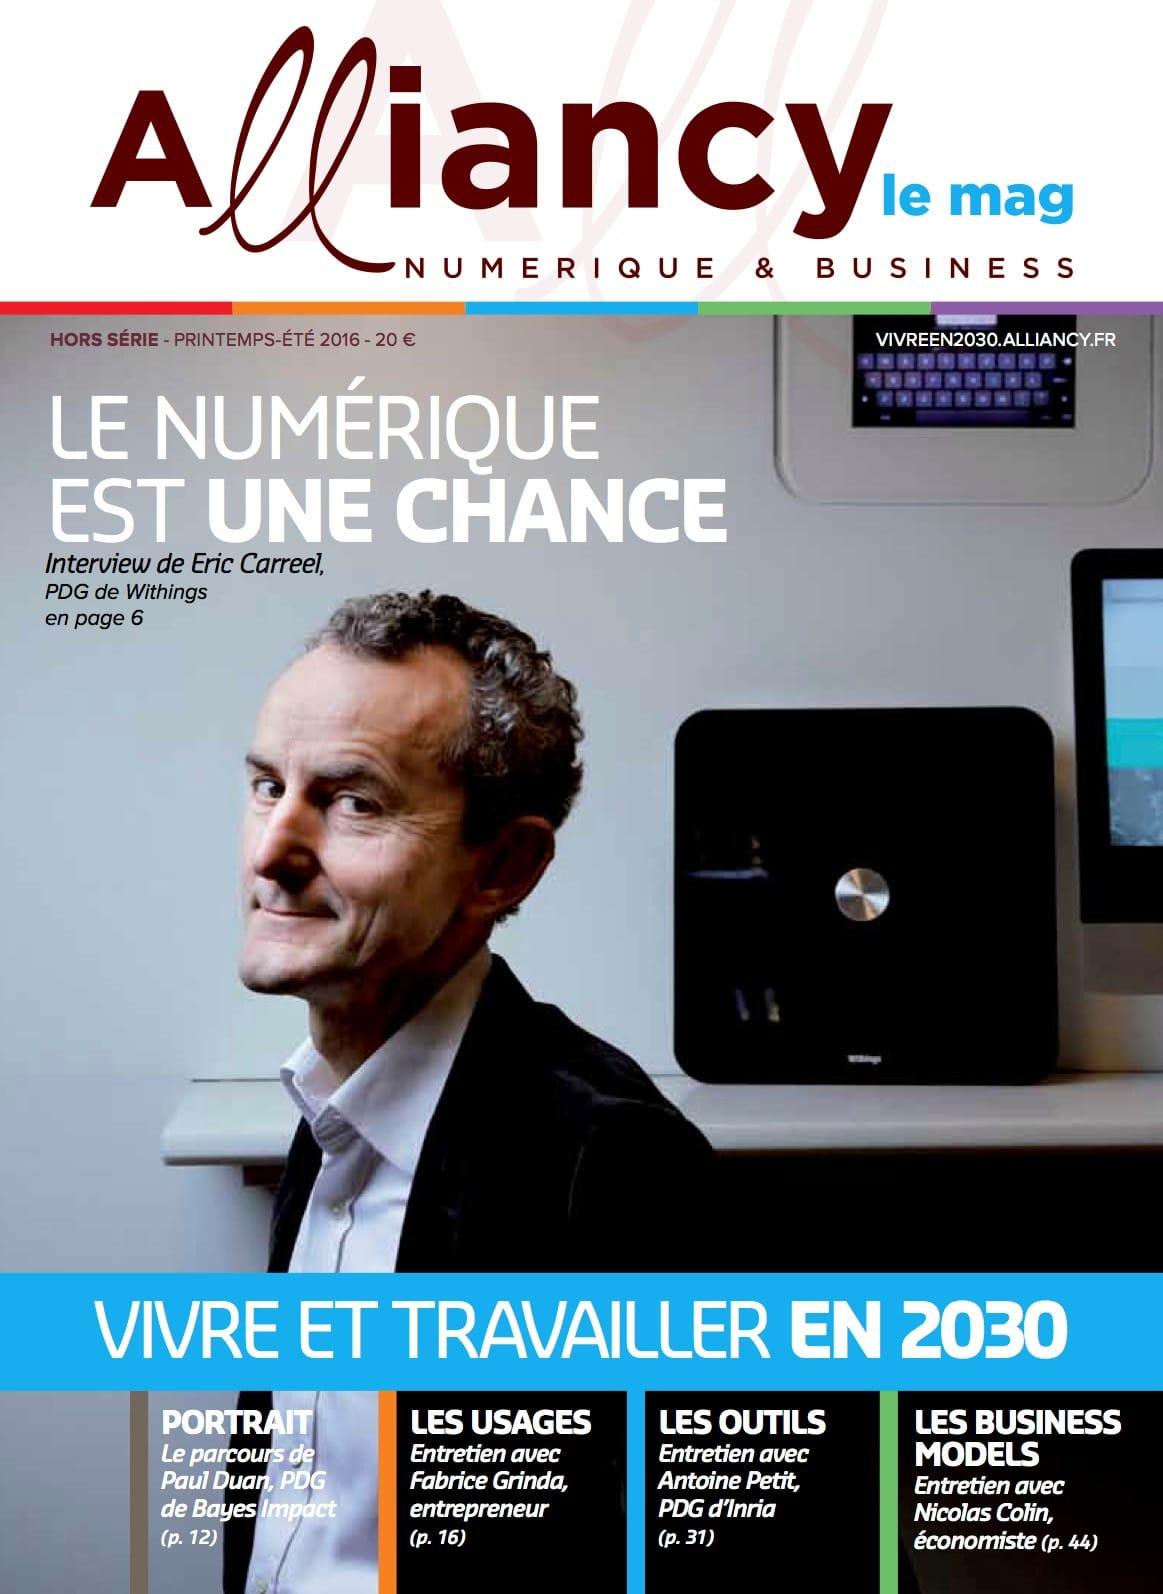 Couv - HS 2030